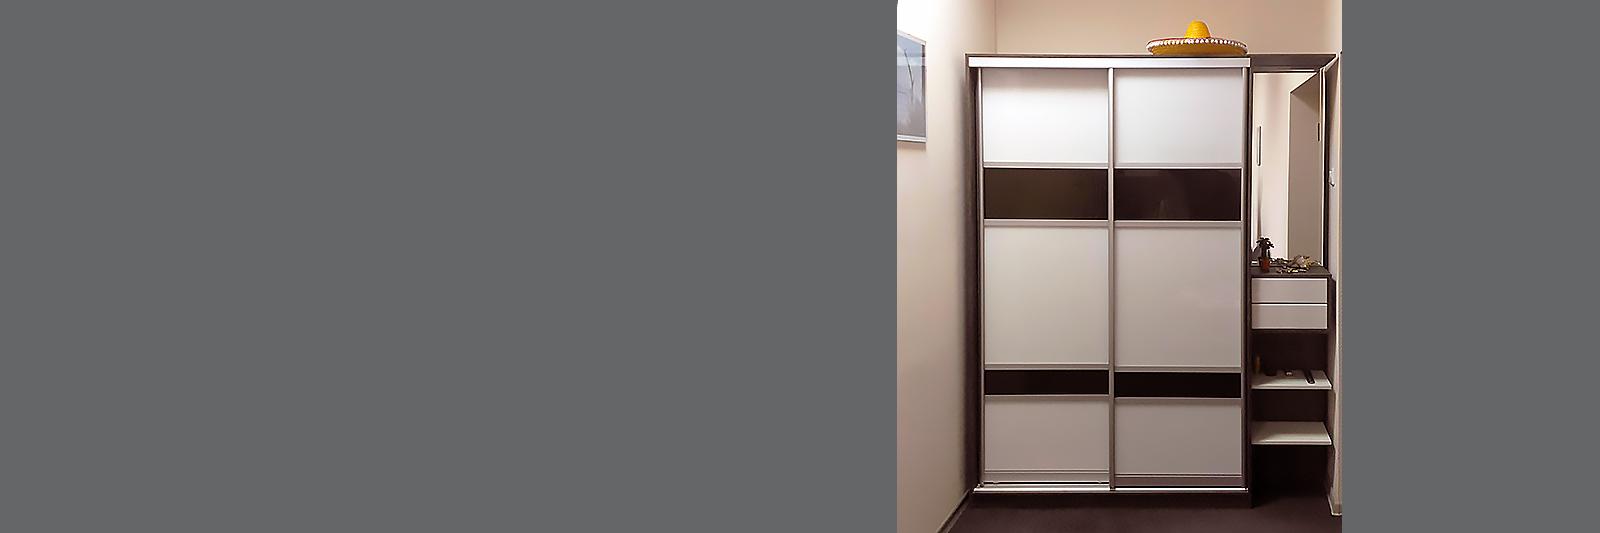 Шкаф-купе для верхней одежды по индивидуальным размерам